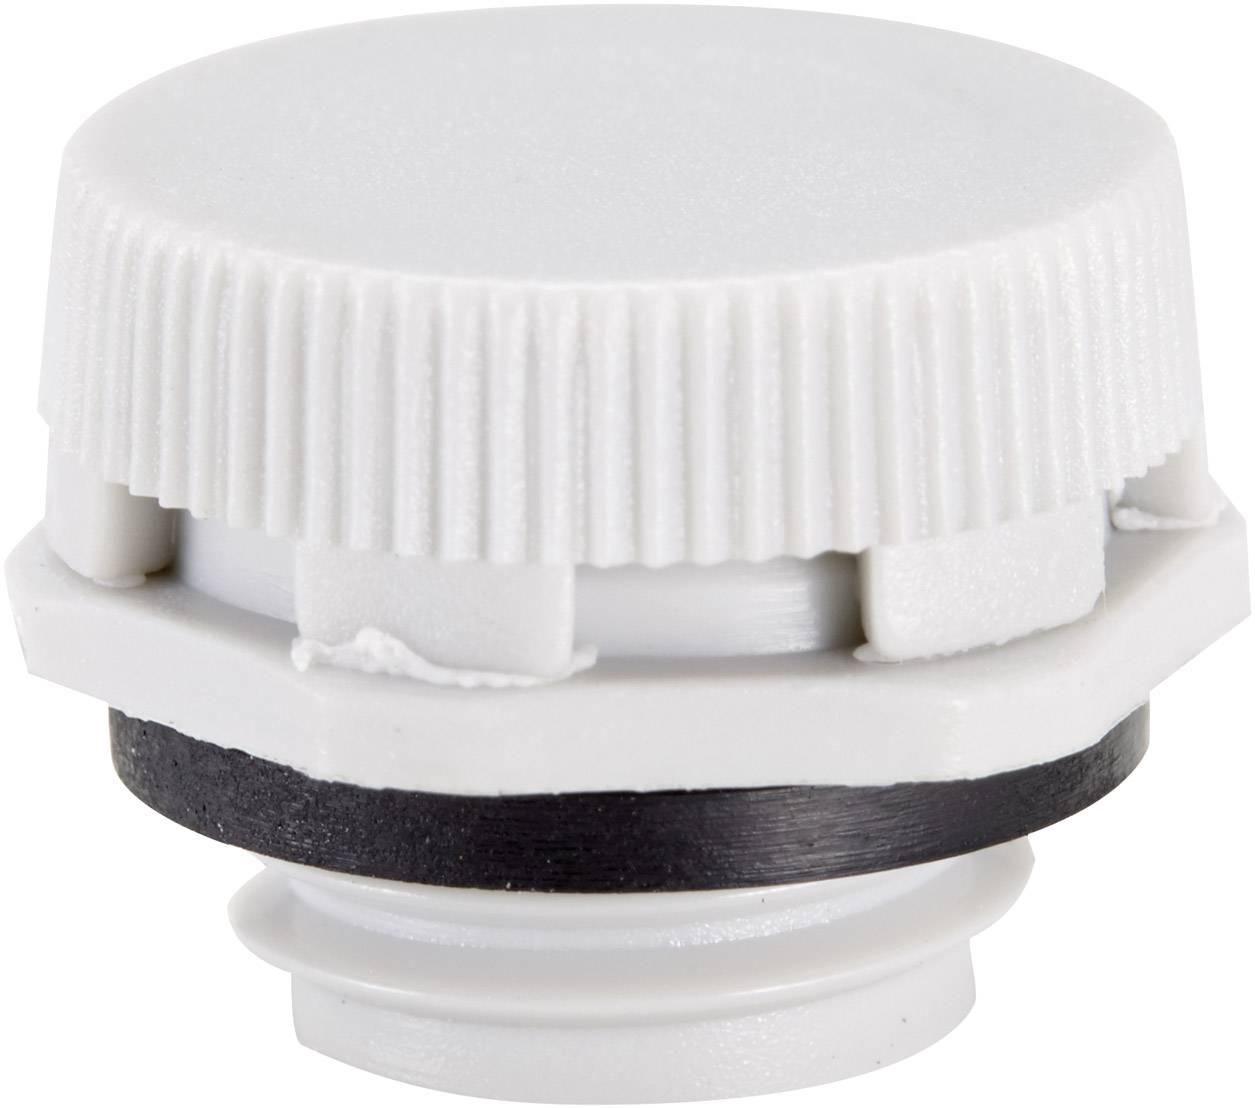 Uzávěr pro vyrovnávání tlaku LAPP SKINDICHT VENT 12x1,5 LGY, polyamid, 1 ks